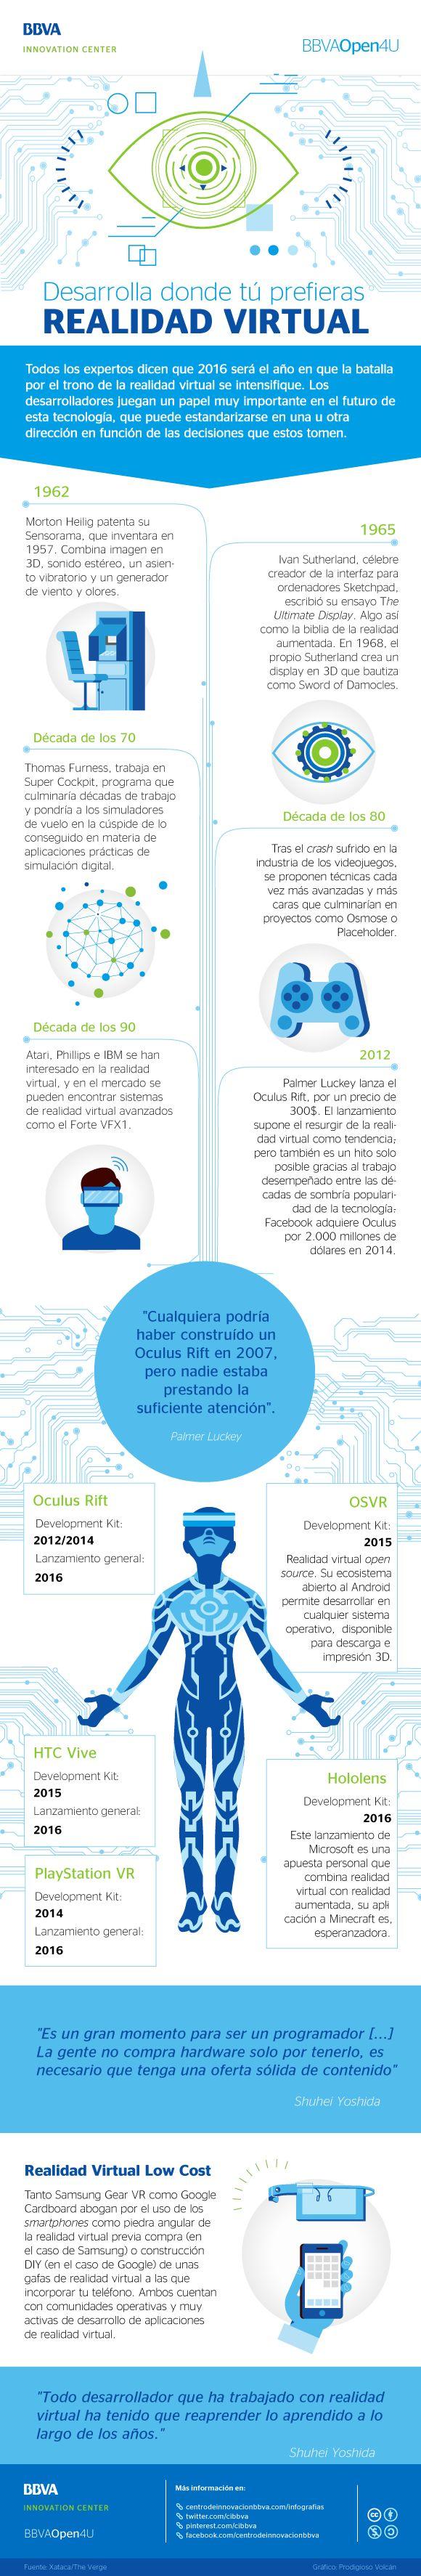 BBVA Open4u - Infografía: desarrolla donde tú prefieras realidad virtual  #BBV...